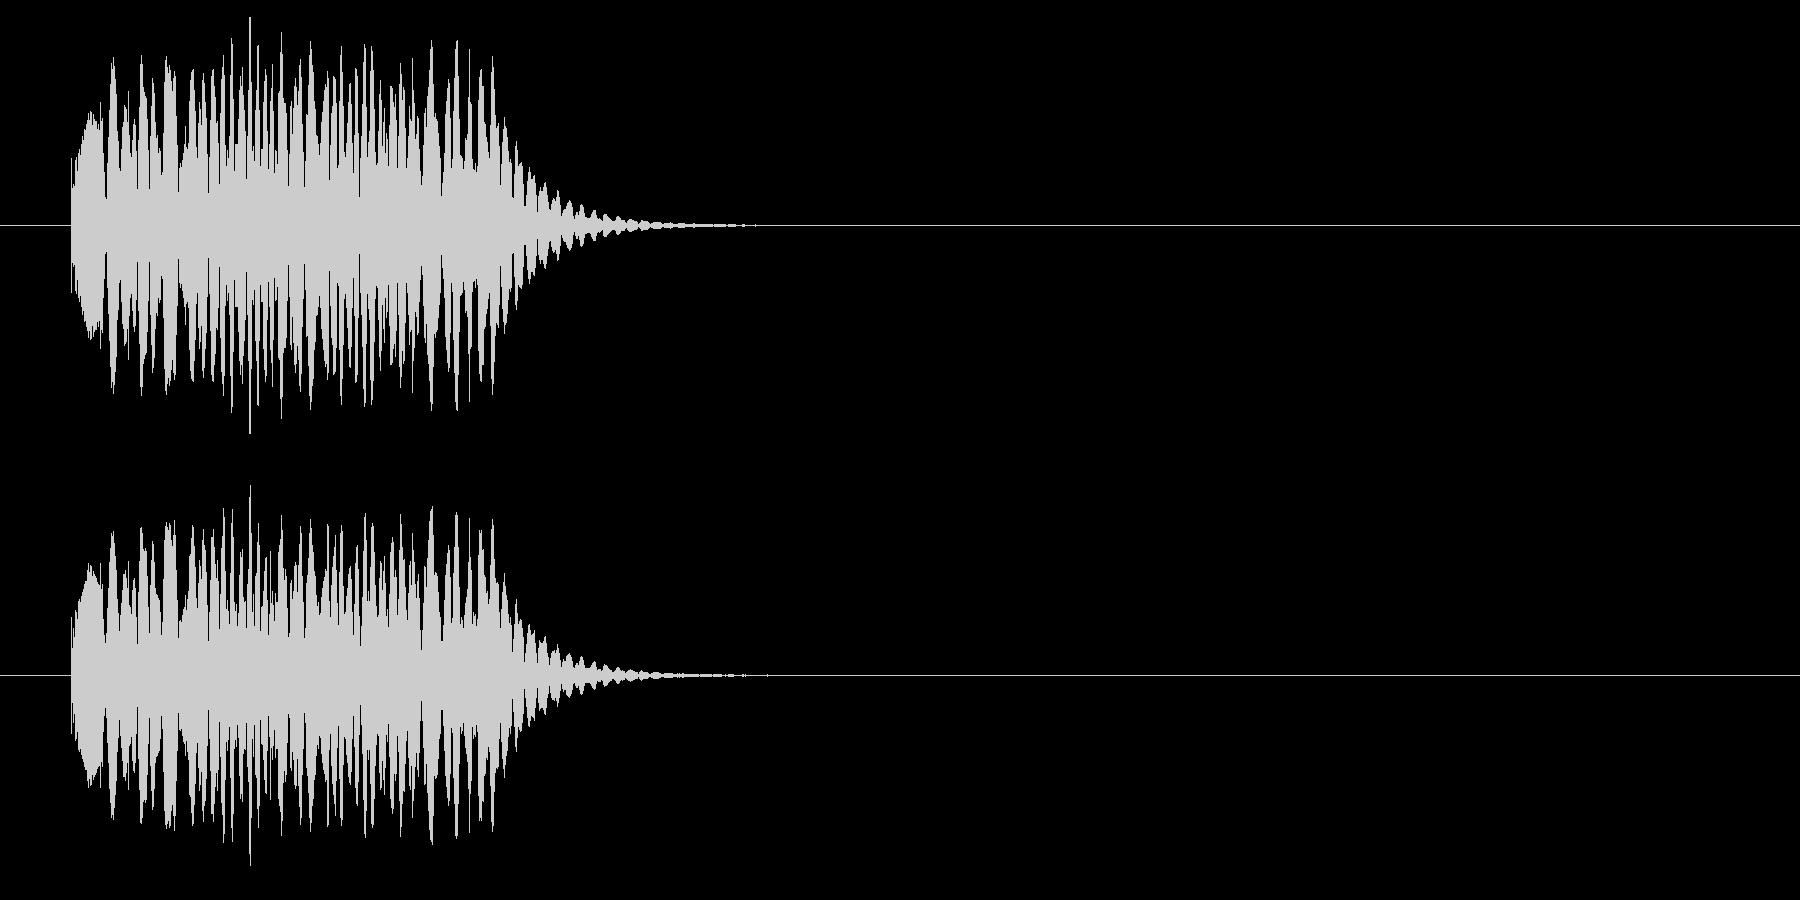 クルクル①(回転・場面転換・時間経過)の未再生の波形